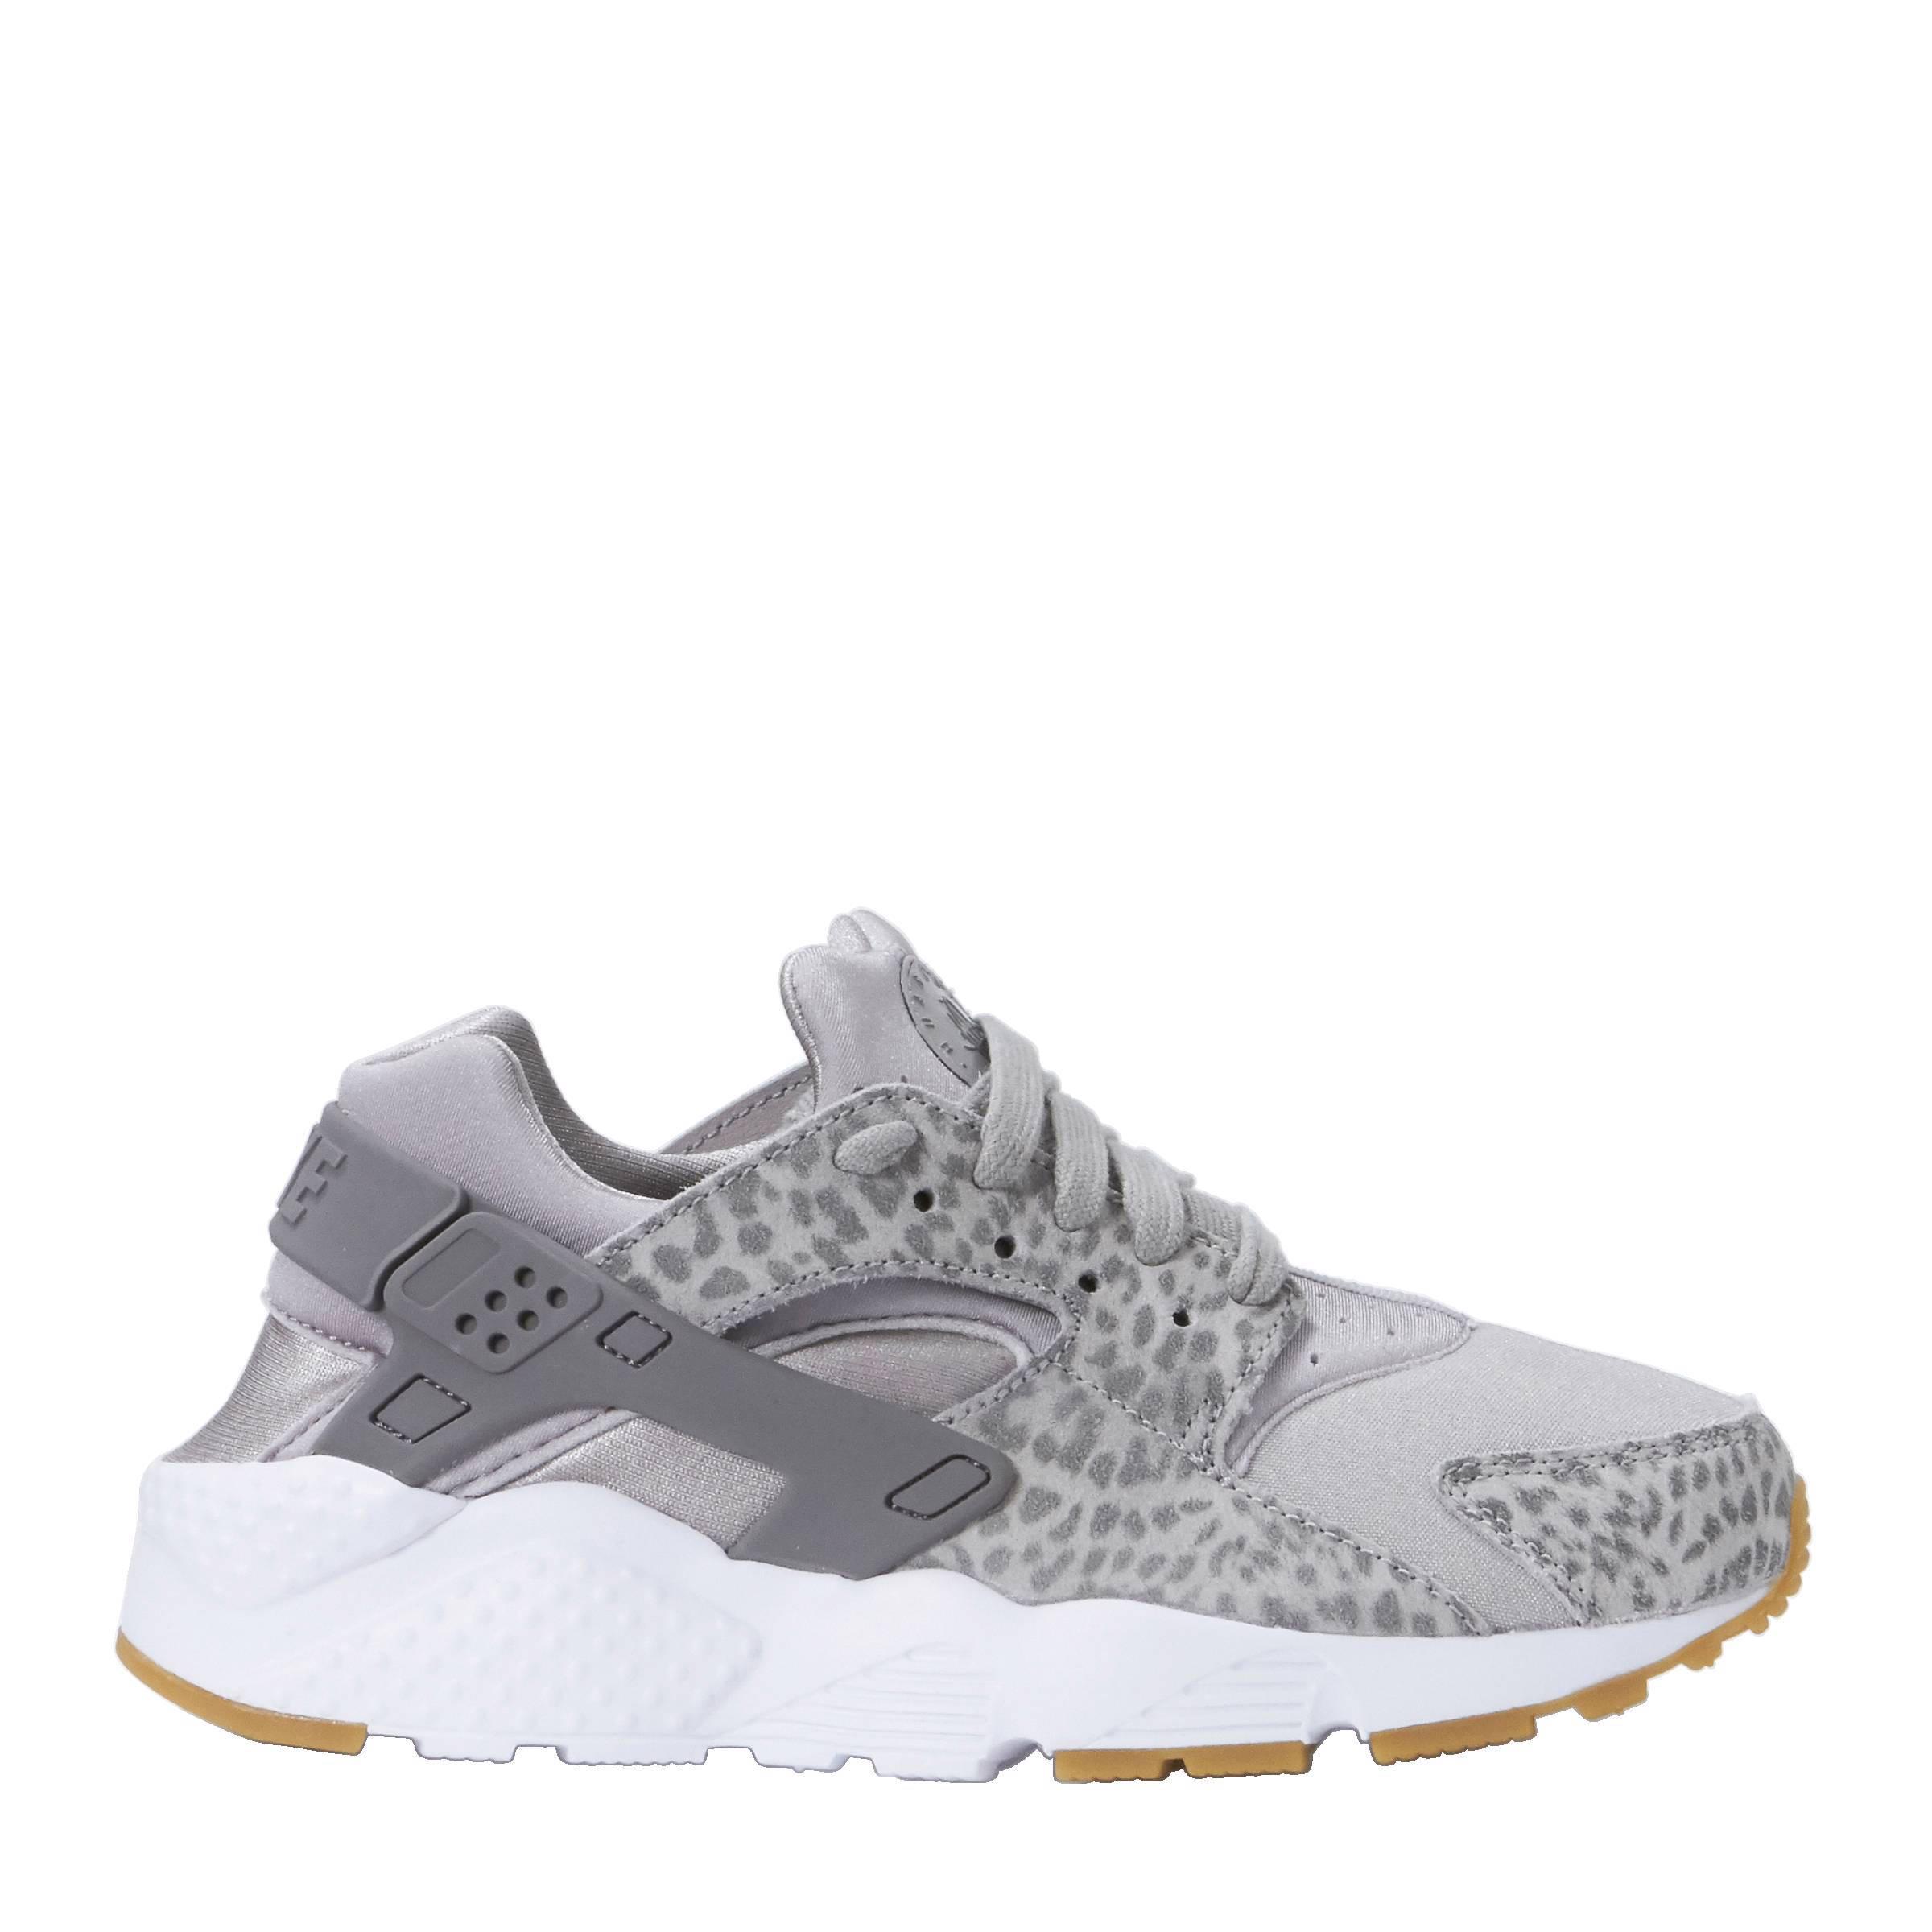 8055c3b0d90 Nike Air Huarache Run SE sneakers | wehkamp